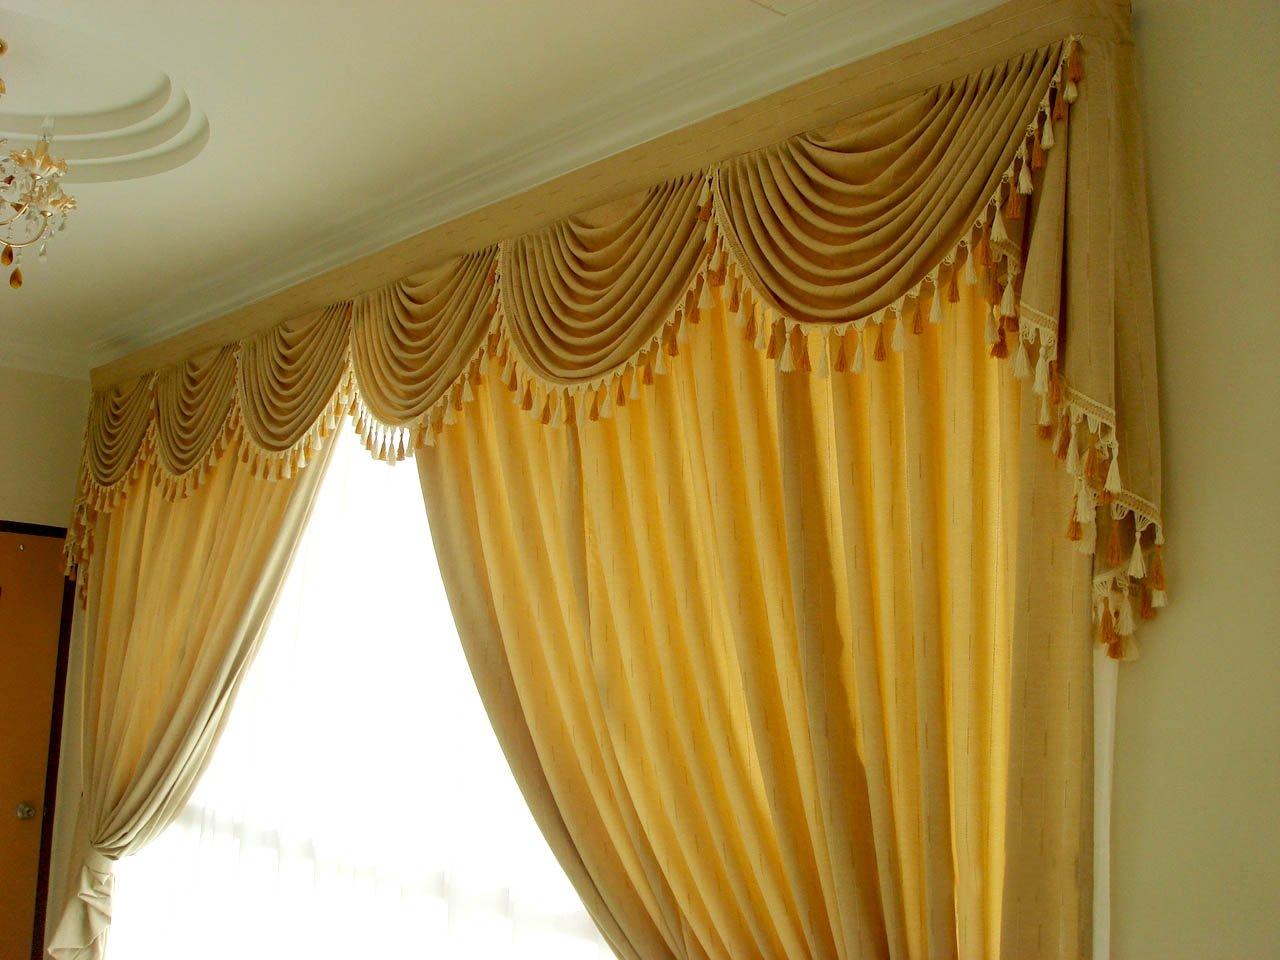 Decoration De Rideau eva rideau ( décoration de la maison ) - buy eva rideau product on